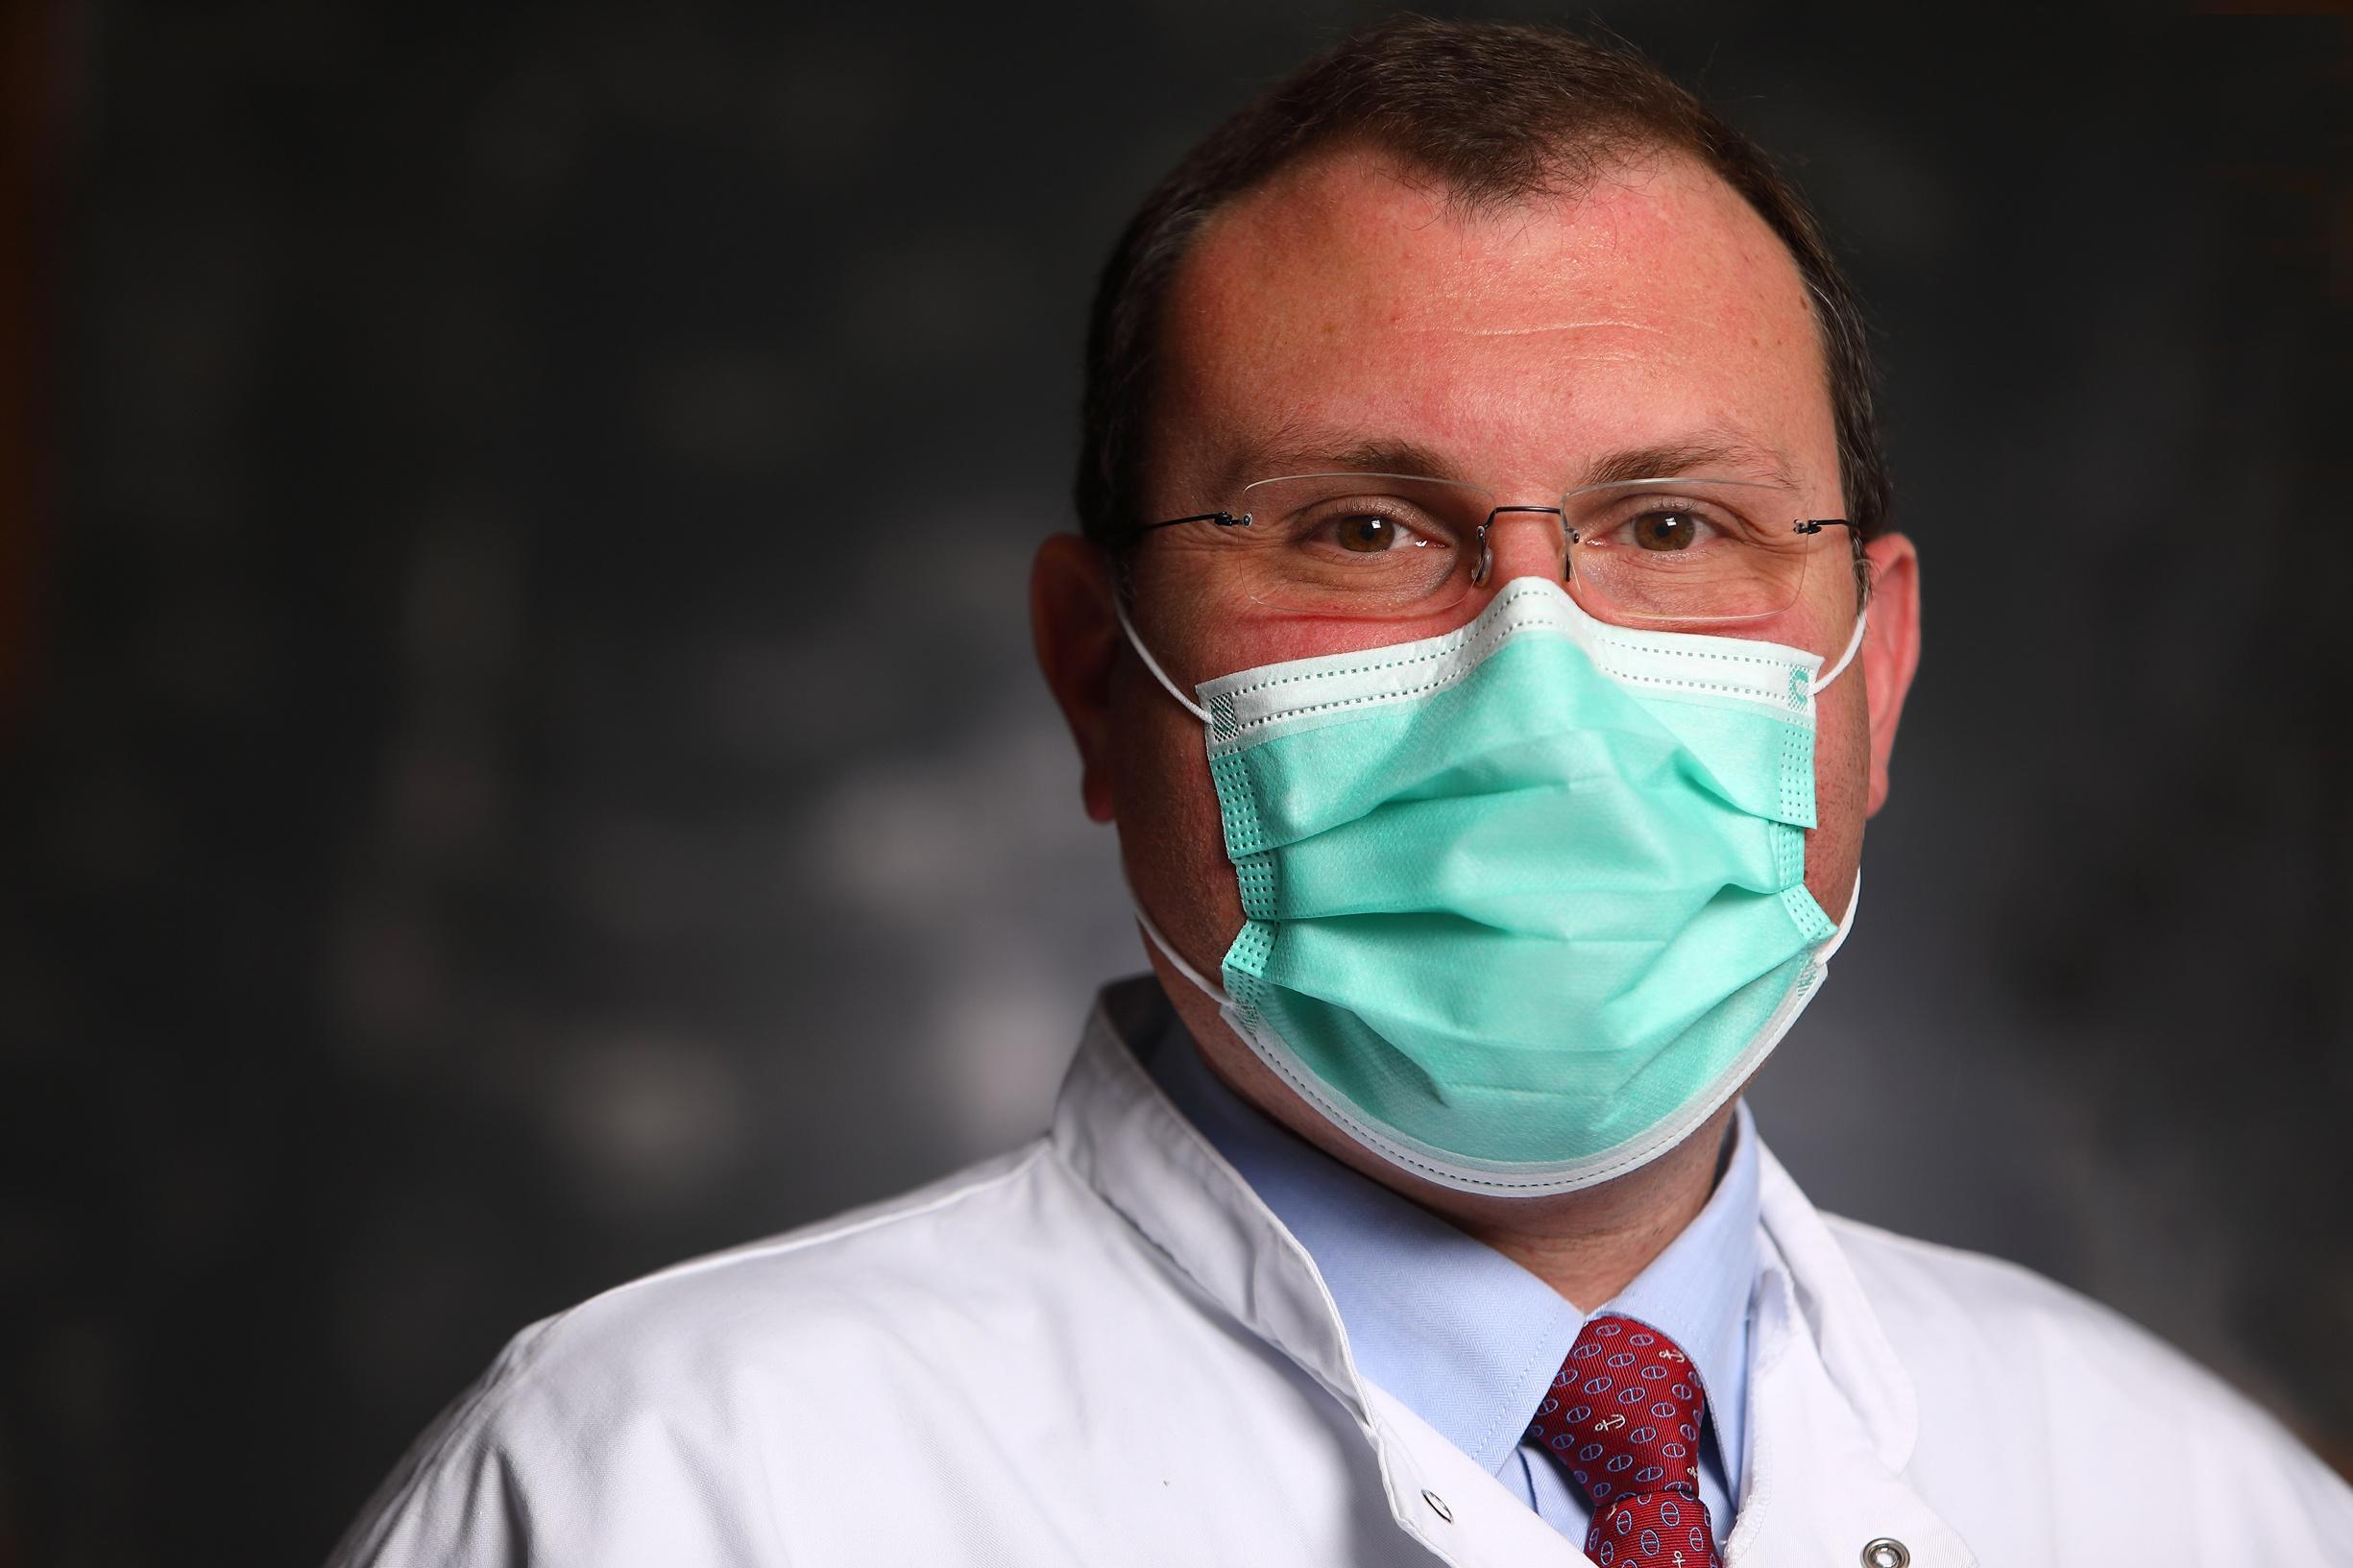 Héros ordinaires #8 – Pr. Alexis de Rougemont, chef du laboratoire de virologie du CHU Dijon